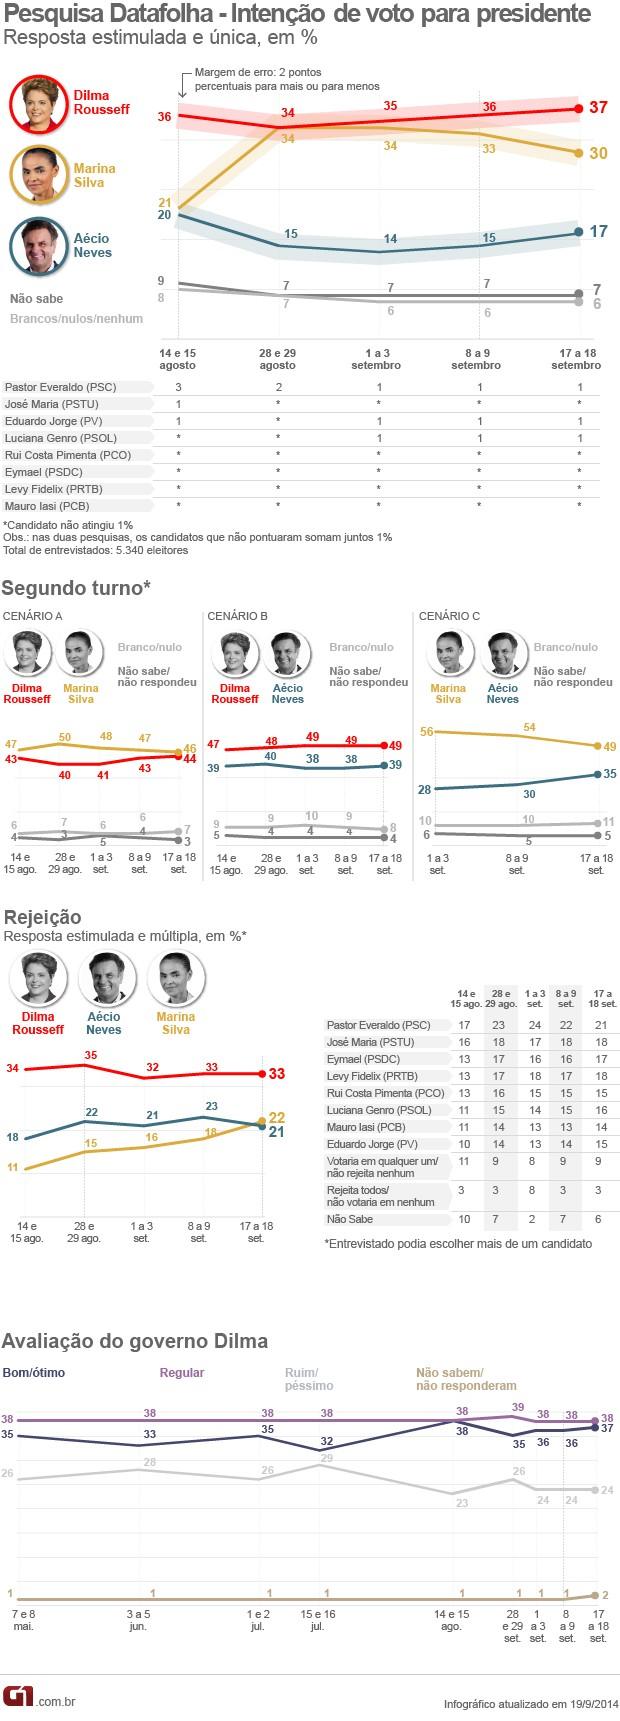 Pesquisa eleitoral Datafolha para presidente da República (Foto: Editoria de Arte/G1)